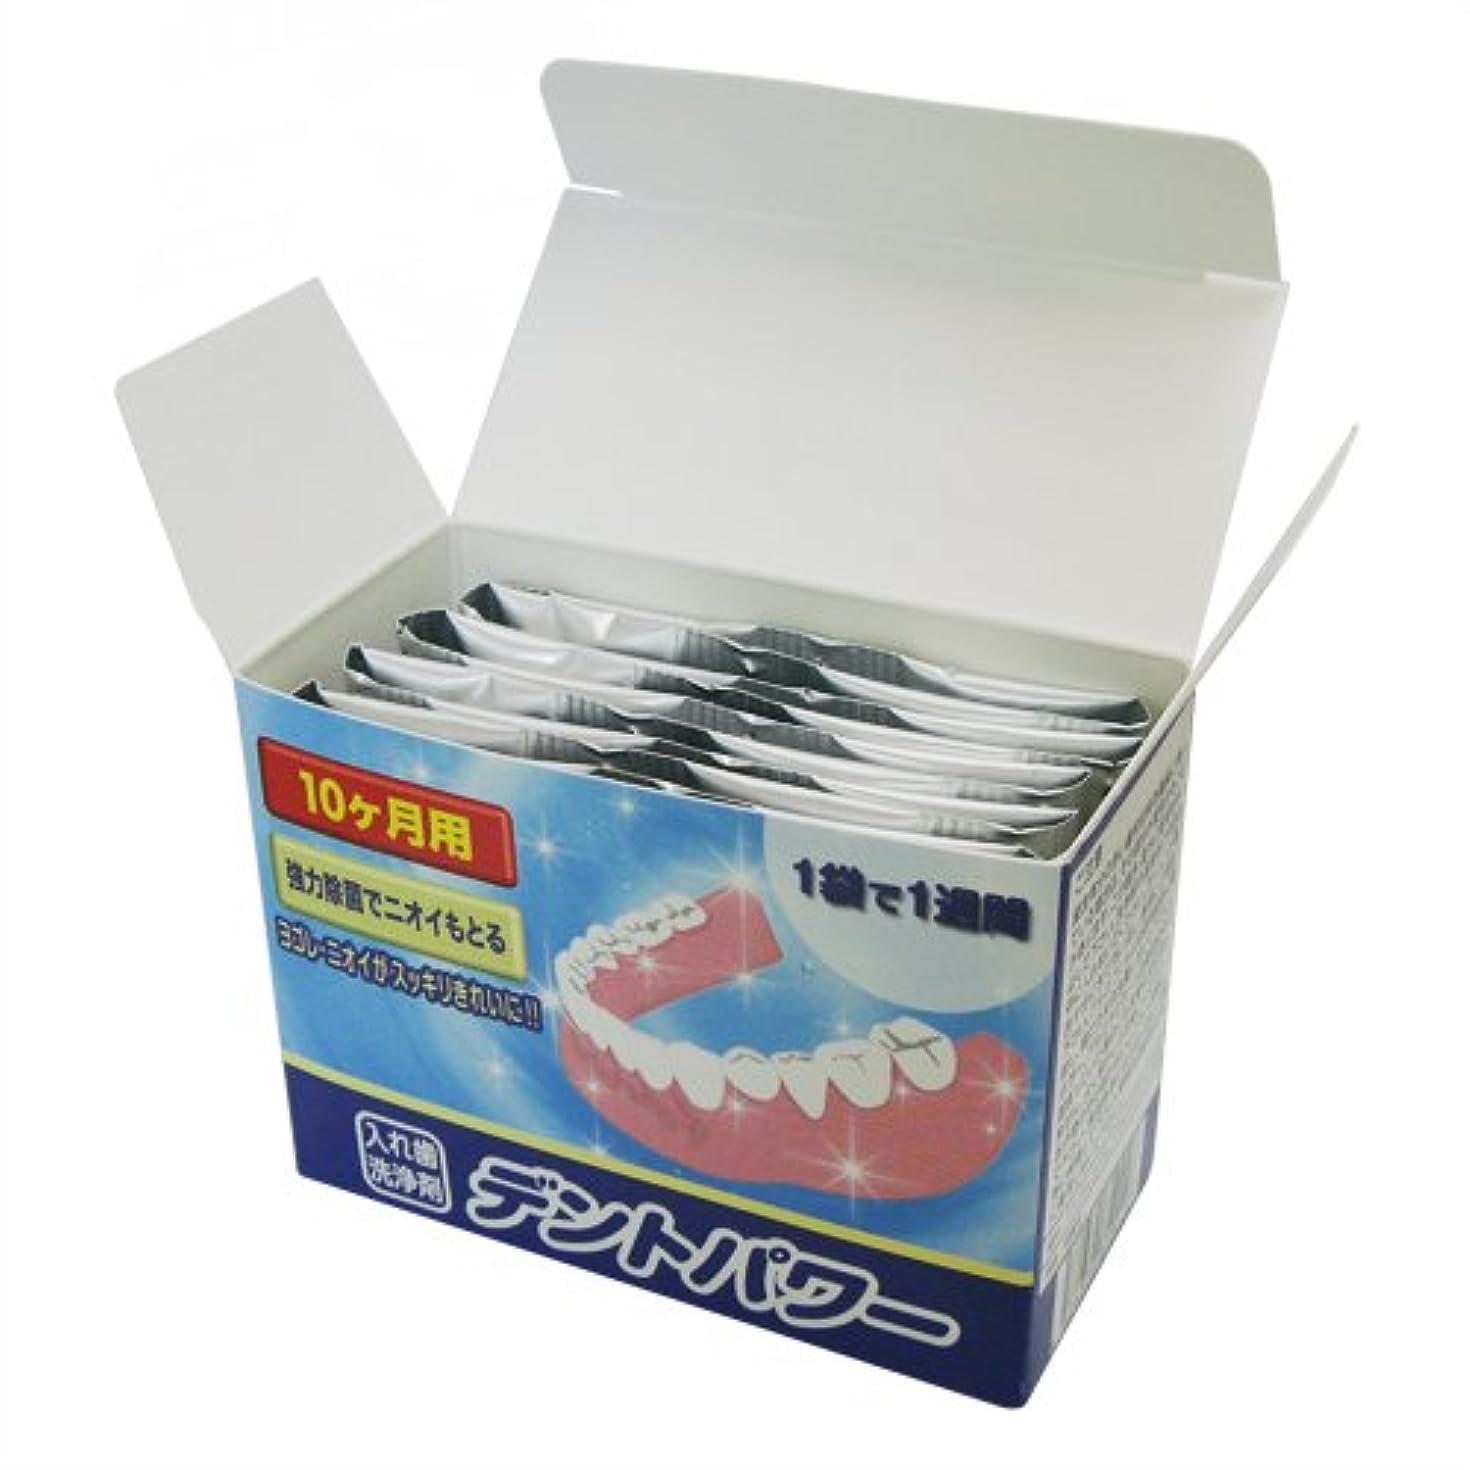 集団ご意見引っ張るデントパワー 入れ歯洗浄剤 10ヵ月用(専用ケース無し)